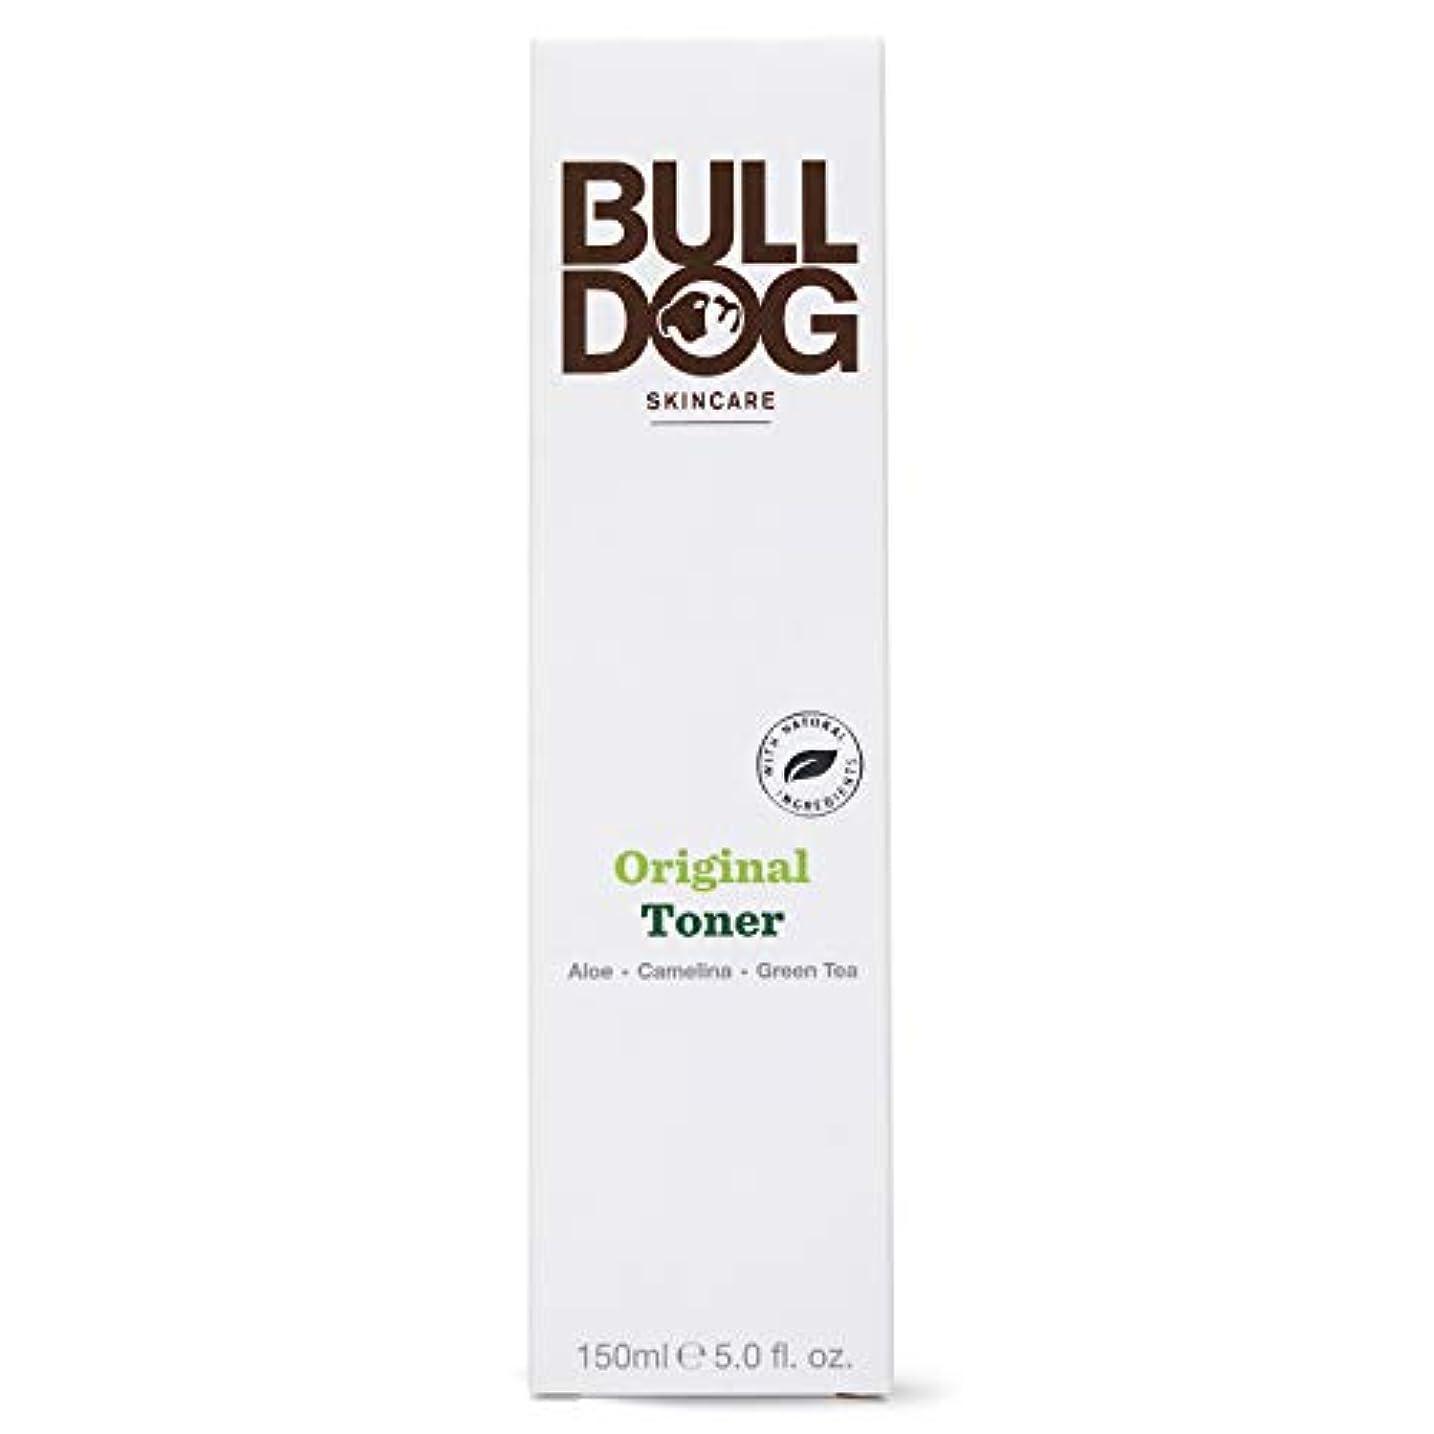 不機嫌放棄されたエイズBulldog(ブルドッグ) ブルドッグ Bulldog オリジナル トナー 化粧水 150ml 肌をすっきり なめらかに